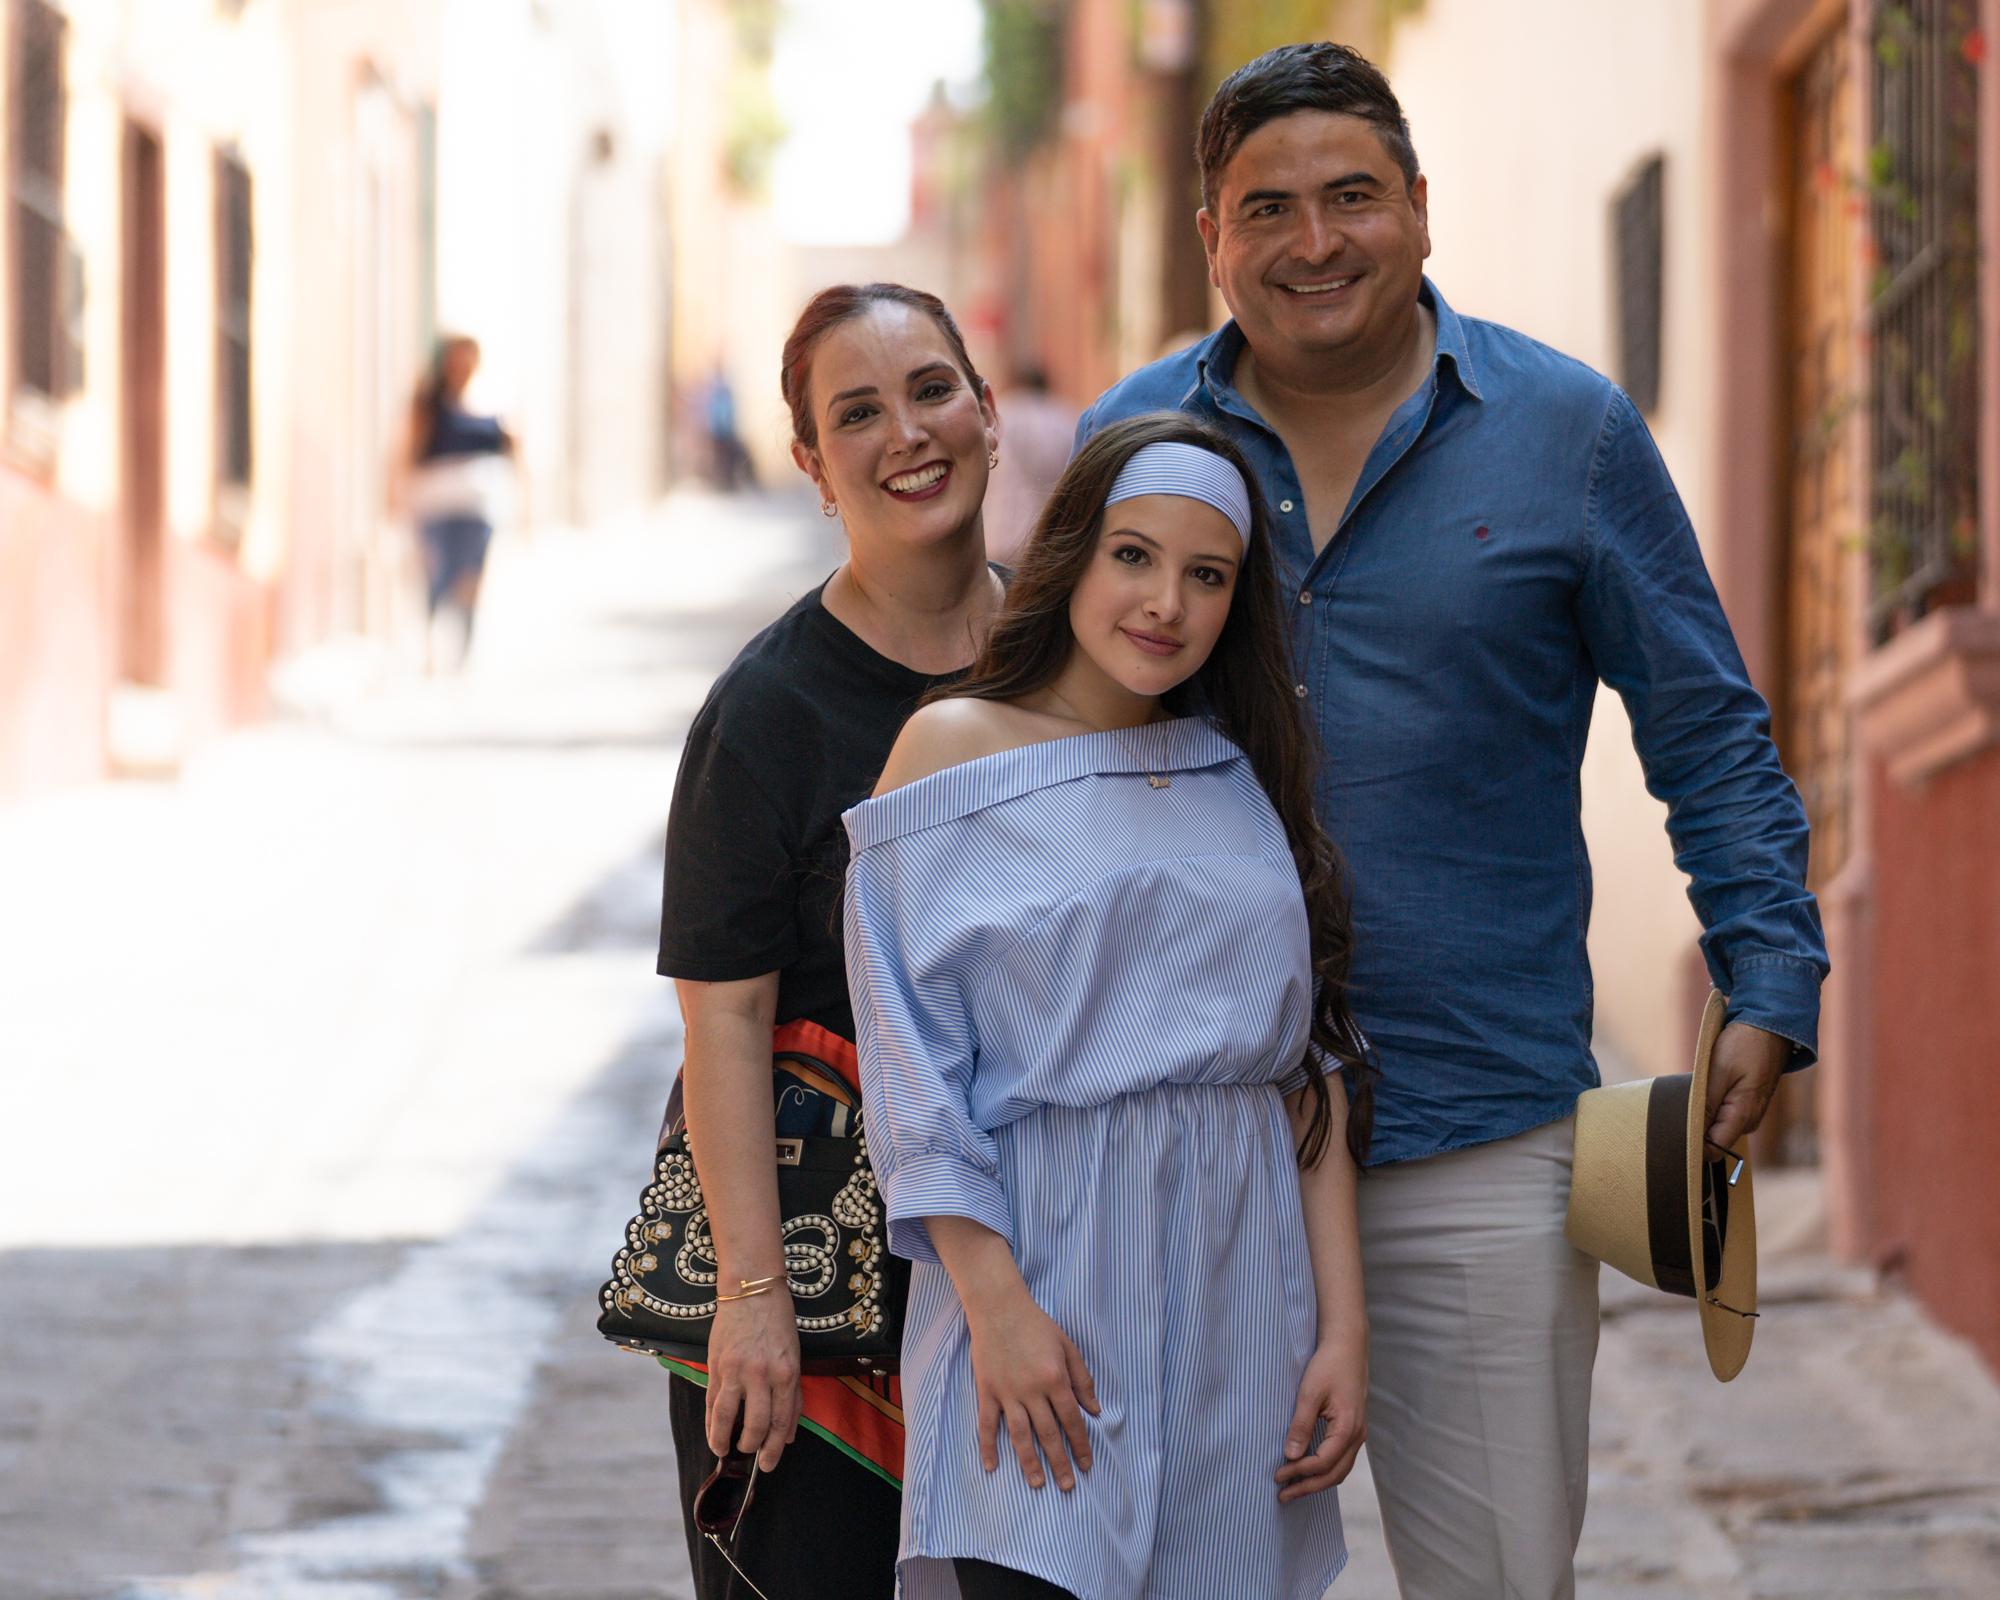 Sesion de Fotos en San Miguel de Allende con Rogelio y su Fmailia-58.jpg